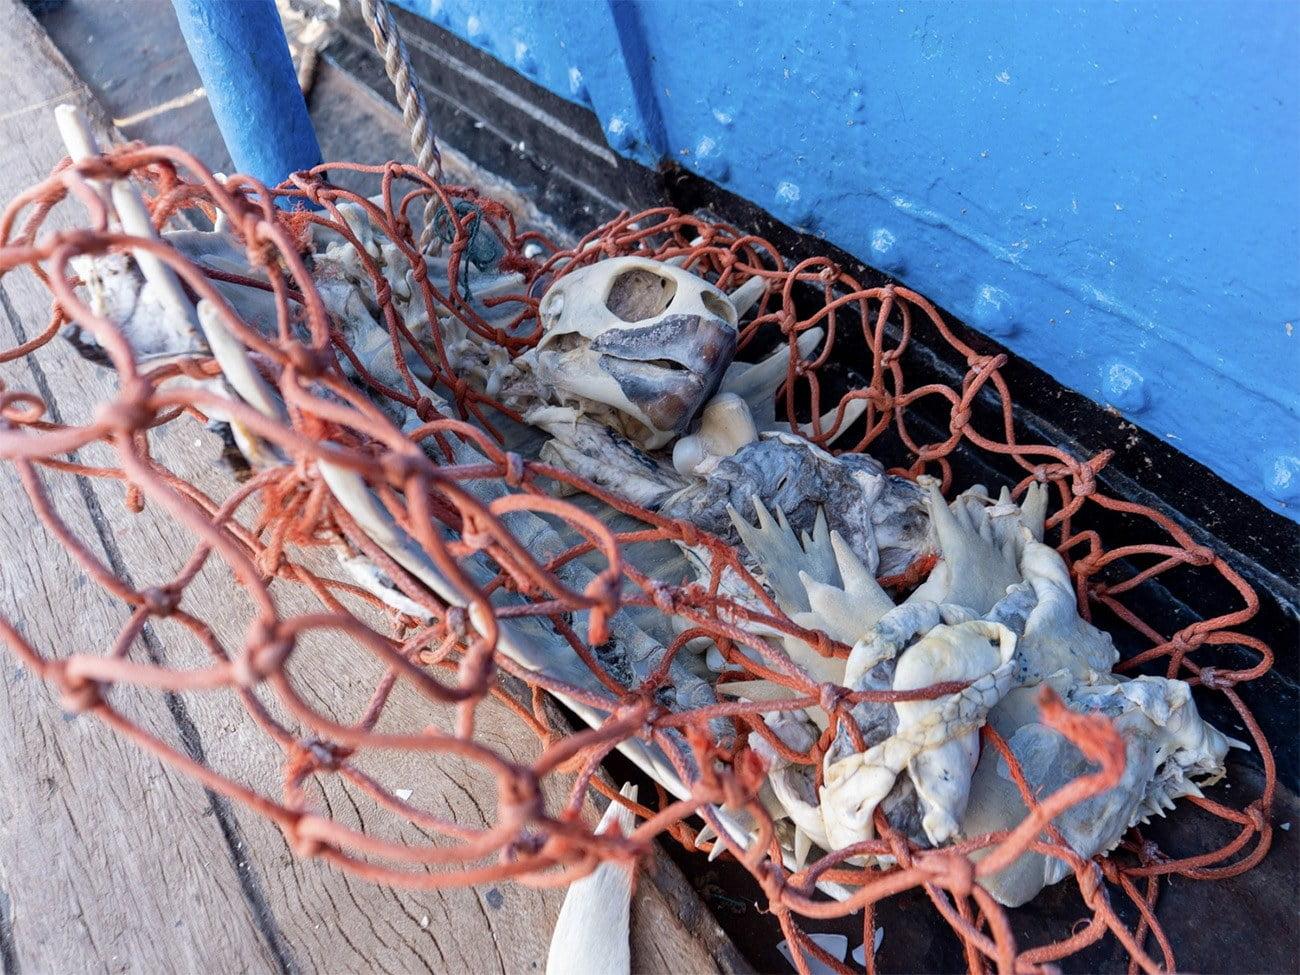 Imagem de rede com pedaços de corais